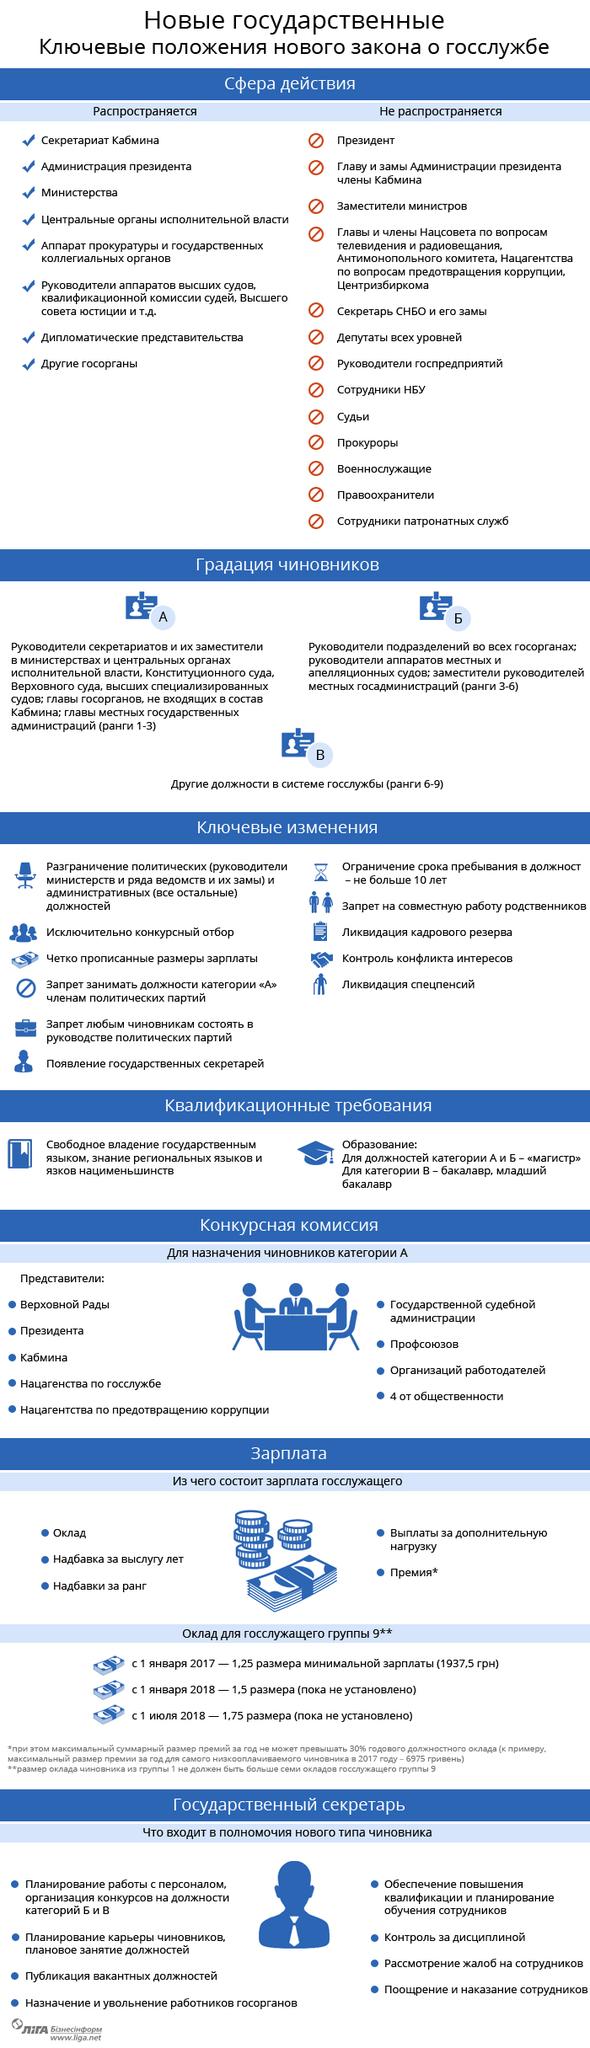 Ответы на вопросы конкурса госслужбы украины